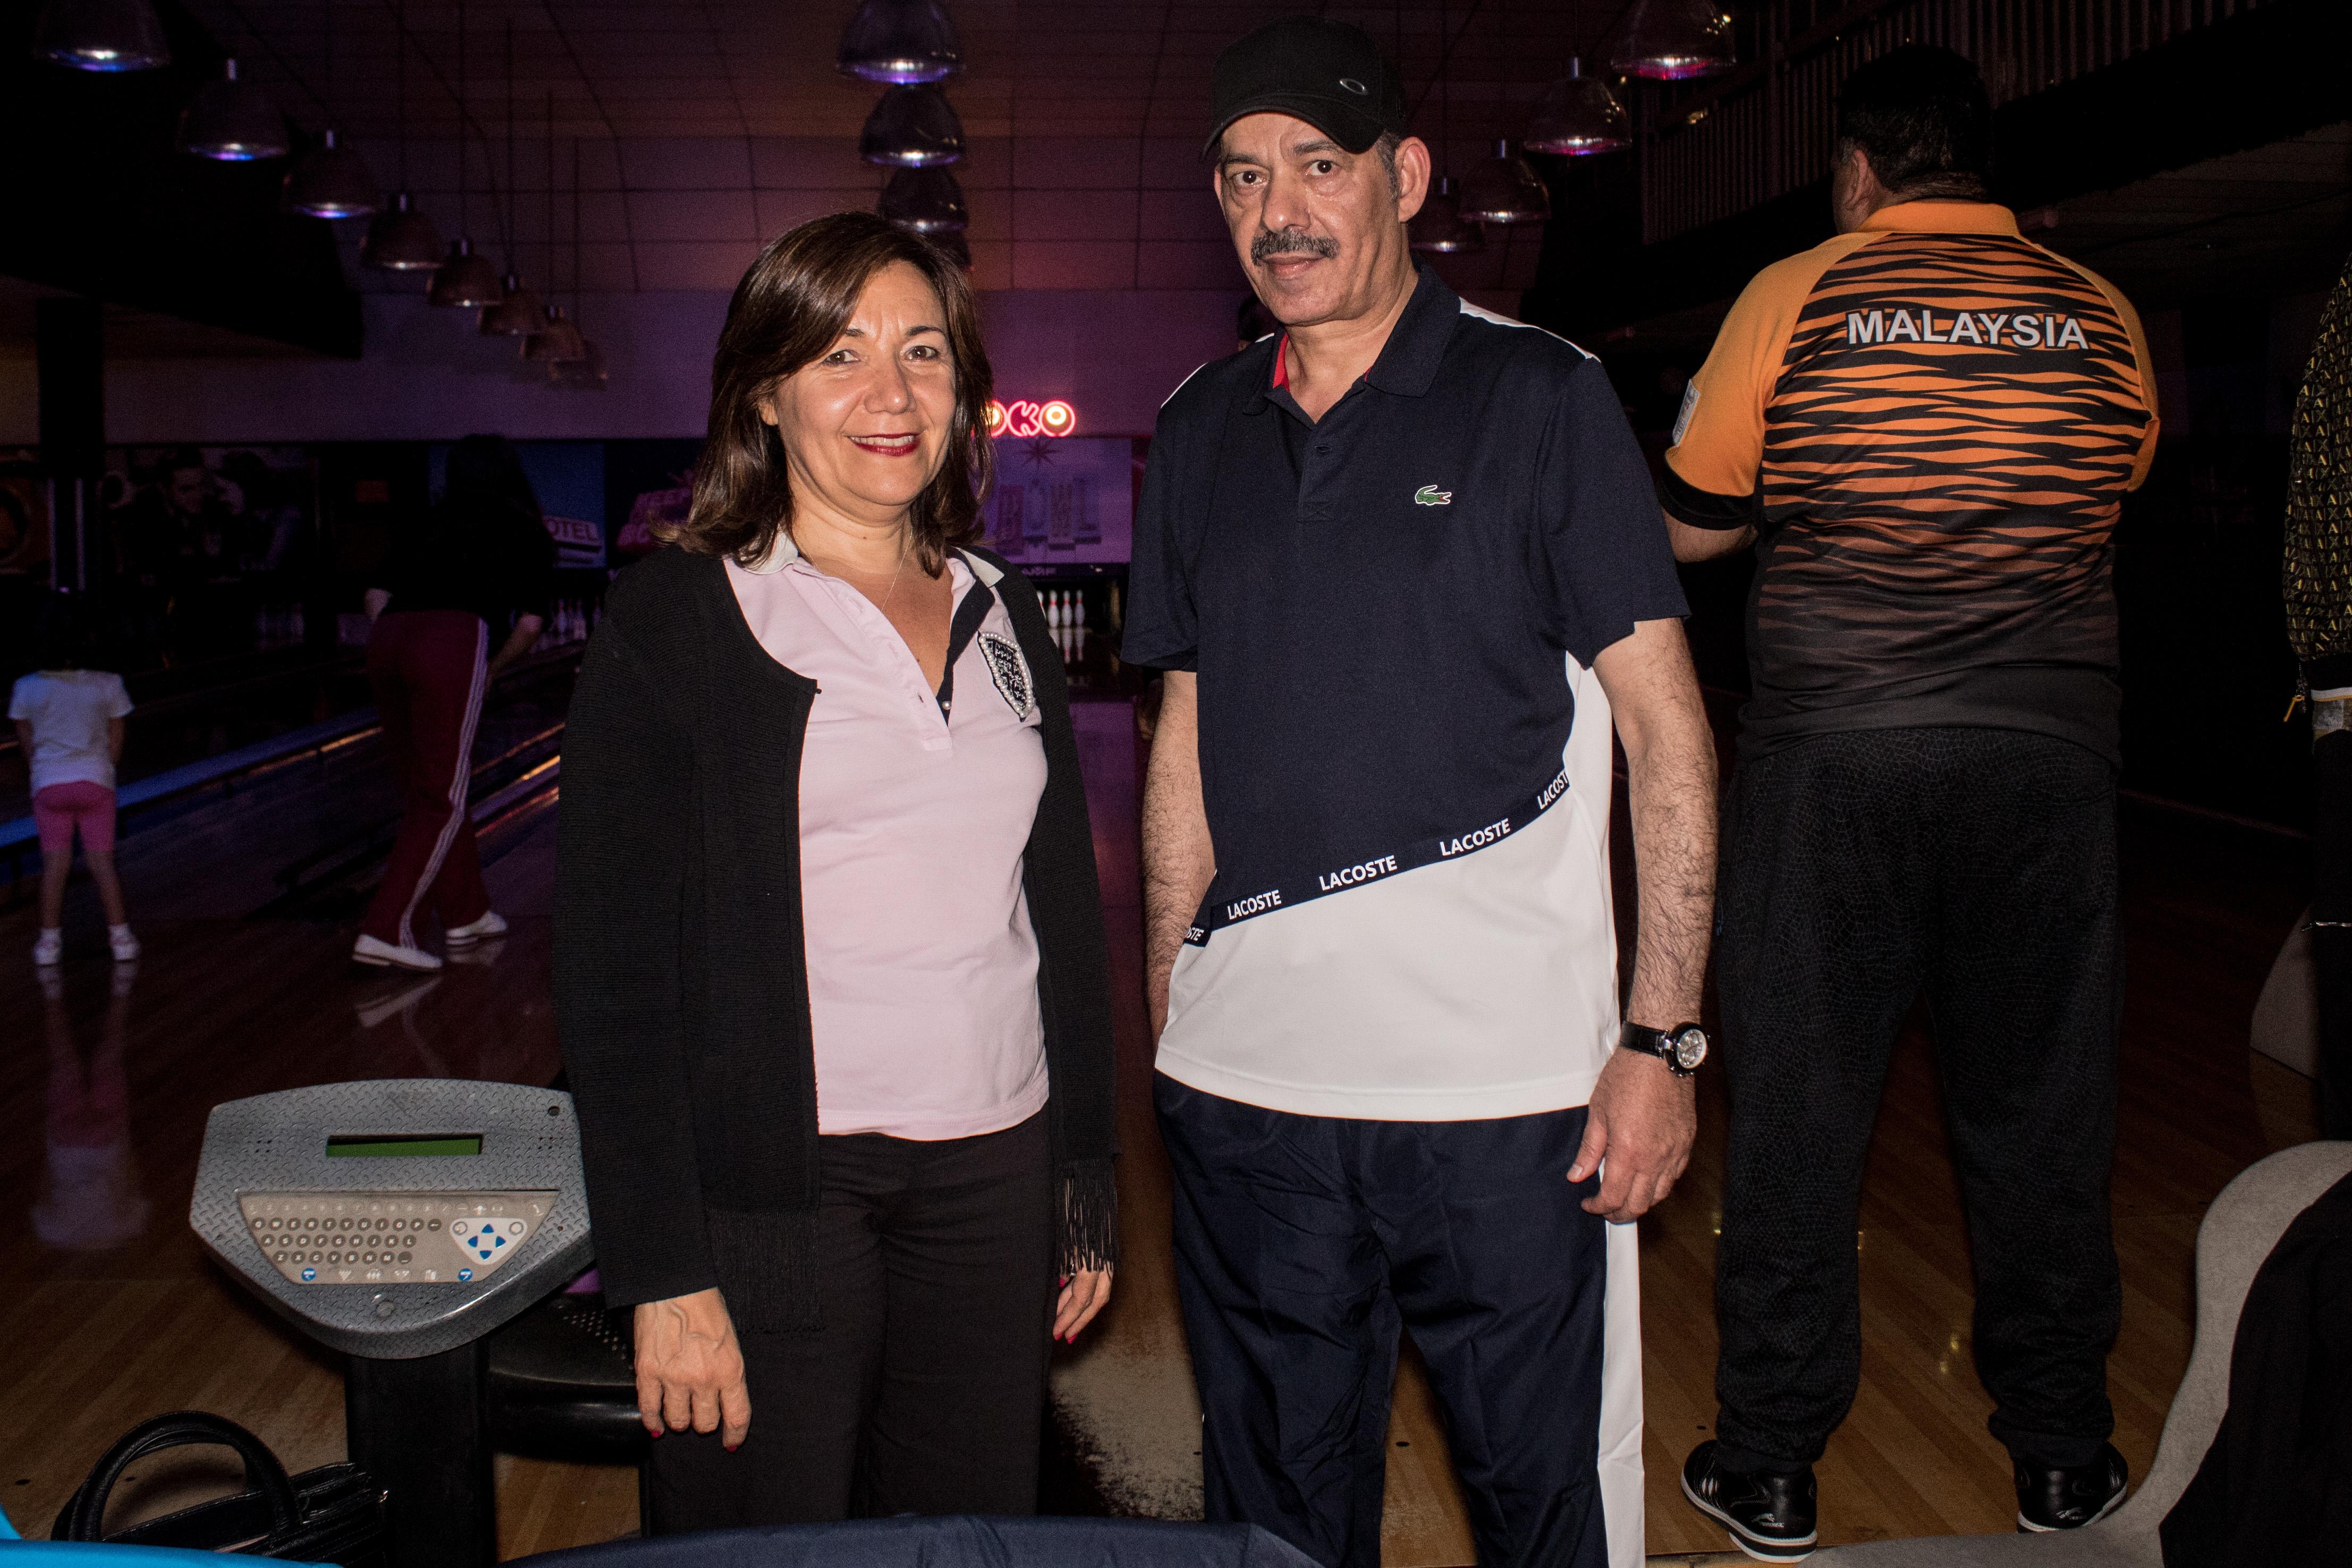 La ex embajadora de la Argentina en Qatar, Rossana Surballe, junto al embajador de Quatar, S.E. Battal M. Al Dosari